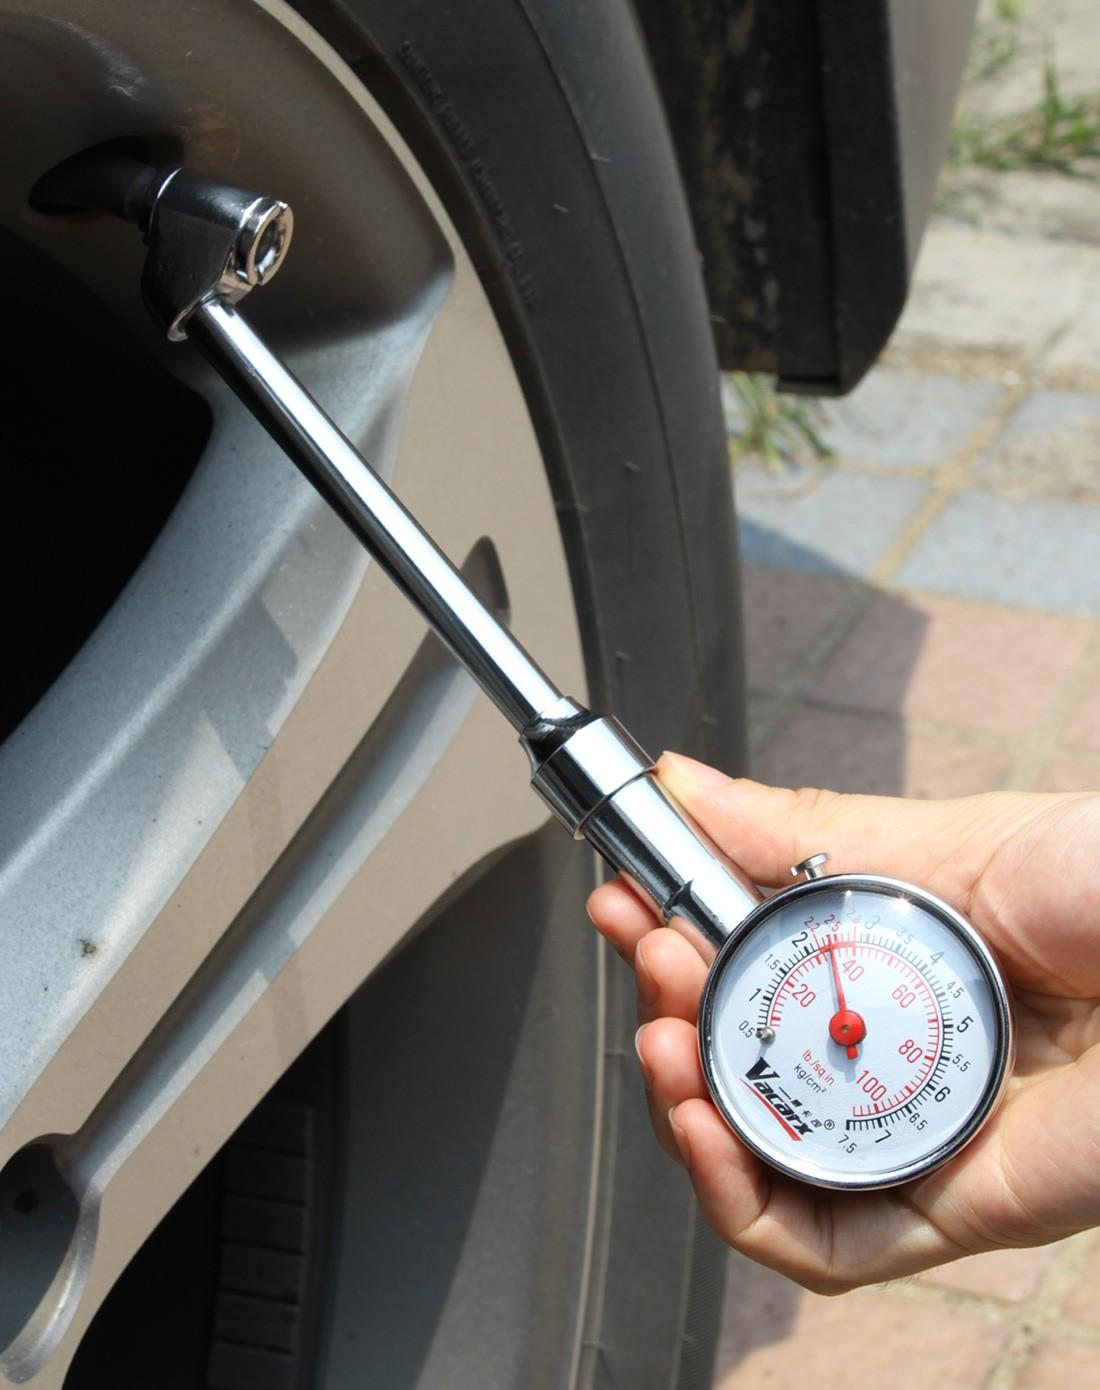 轮胎气压计va-285图片